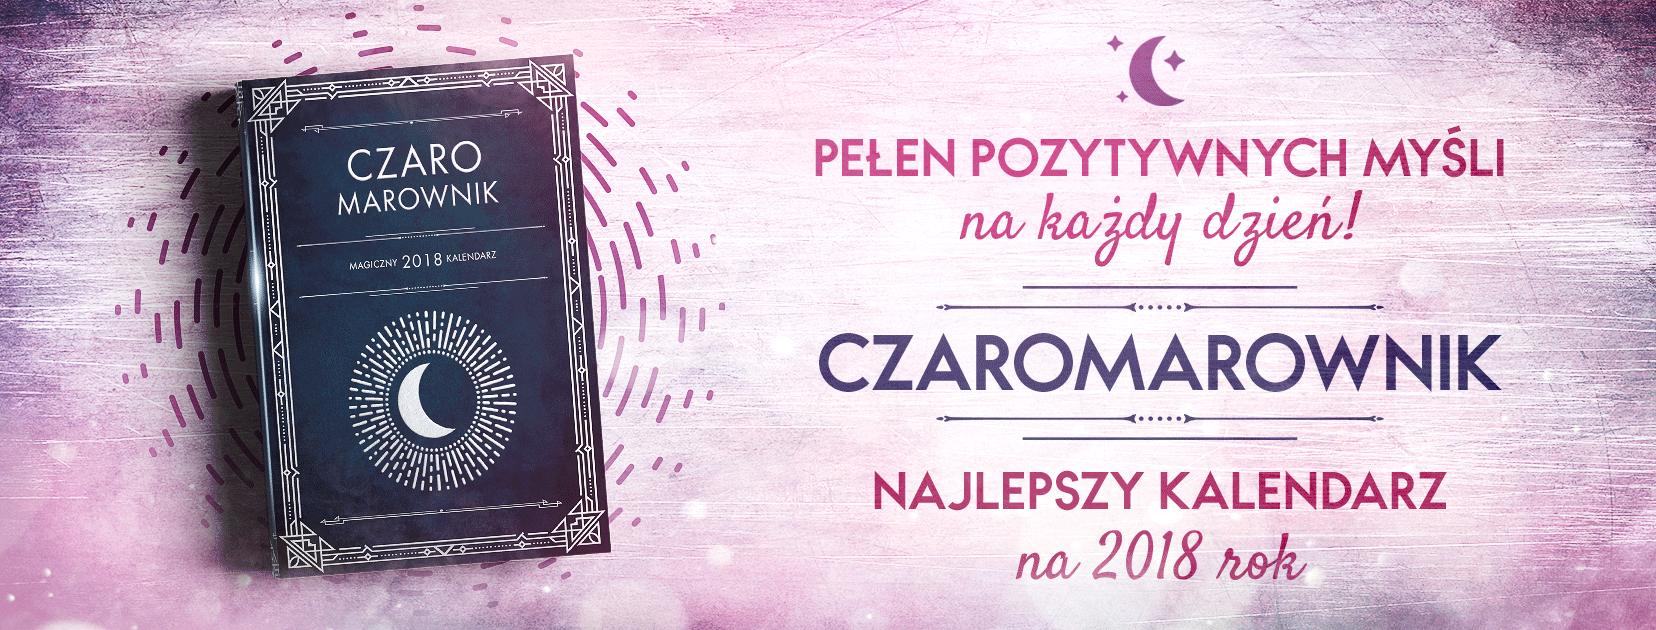 czaromarownik-2017 CZAROMAROWNIK 2018 czyli  do  kogo wędruje drugi  egzemplarz....